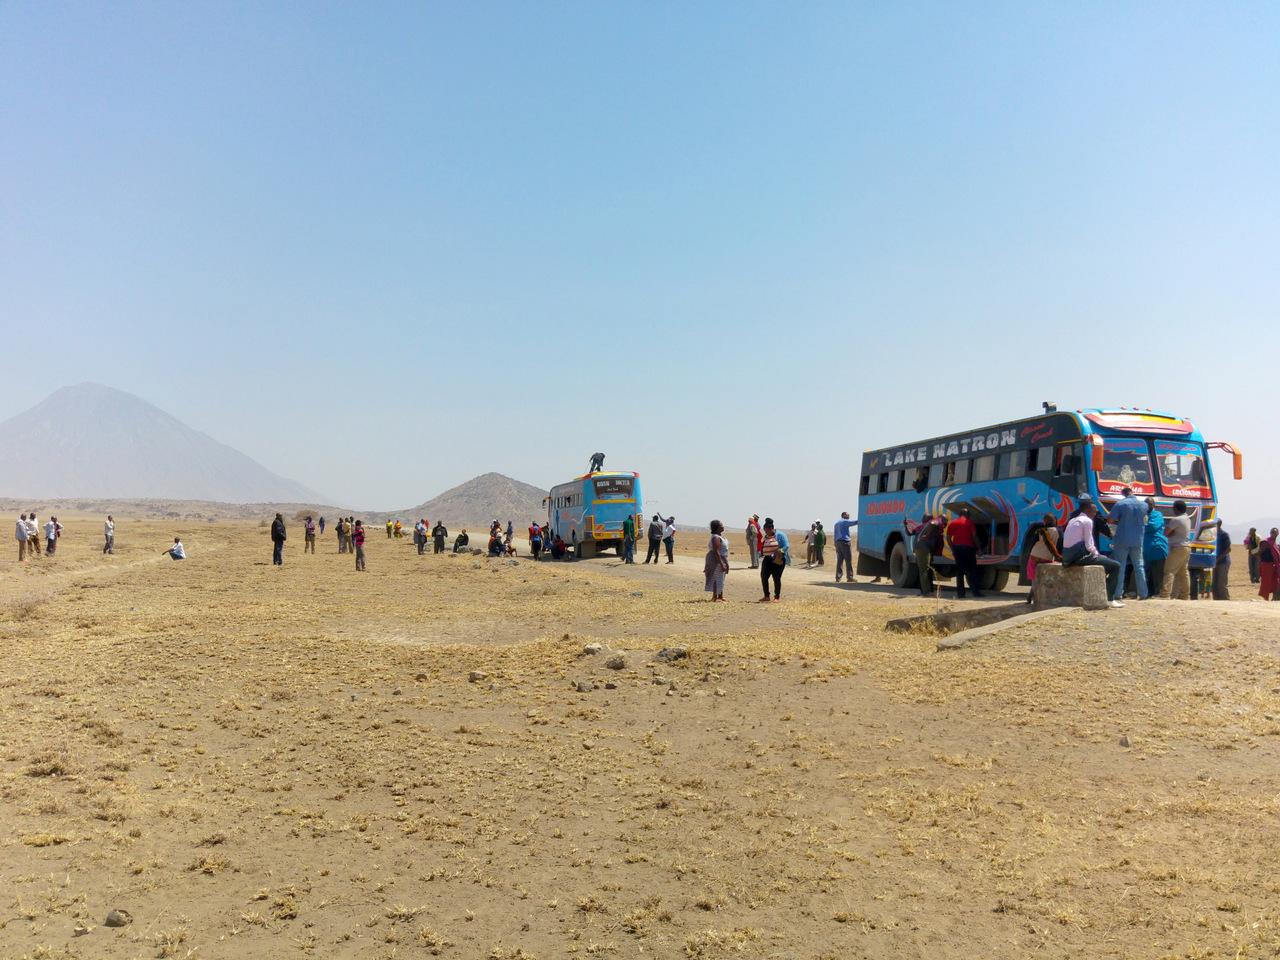 lago natron tanzania: fermi nel deserto con l'autobus